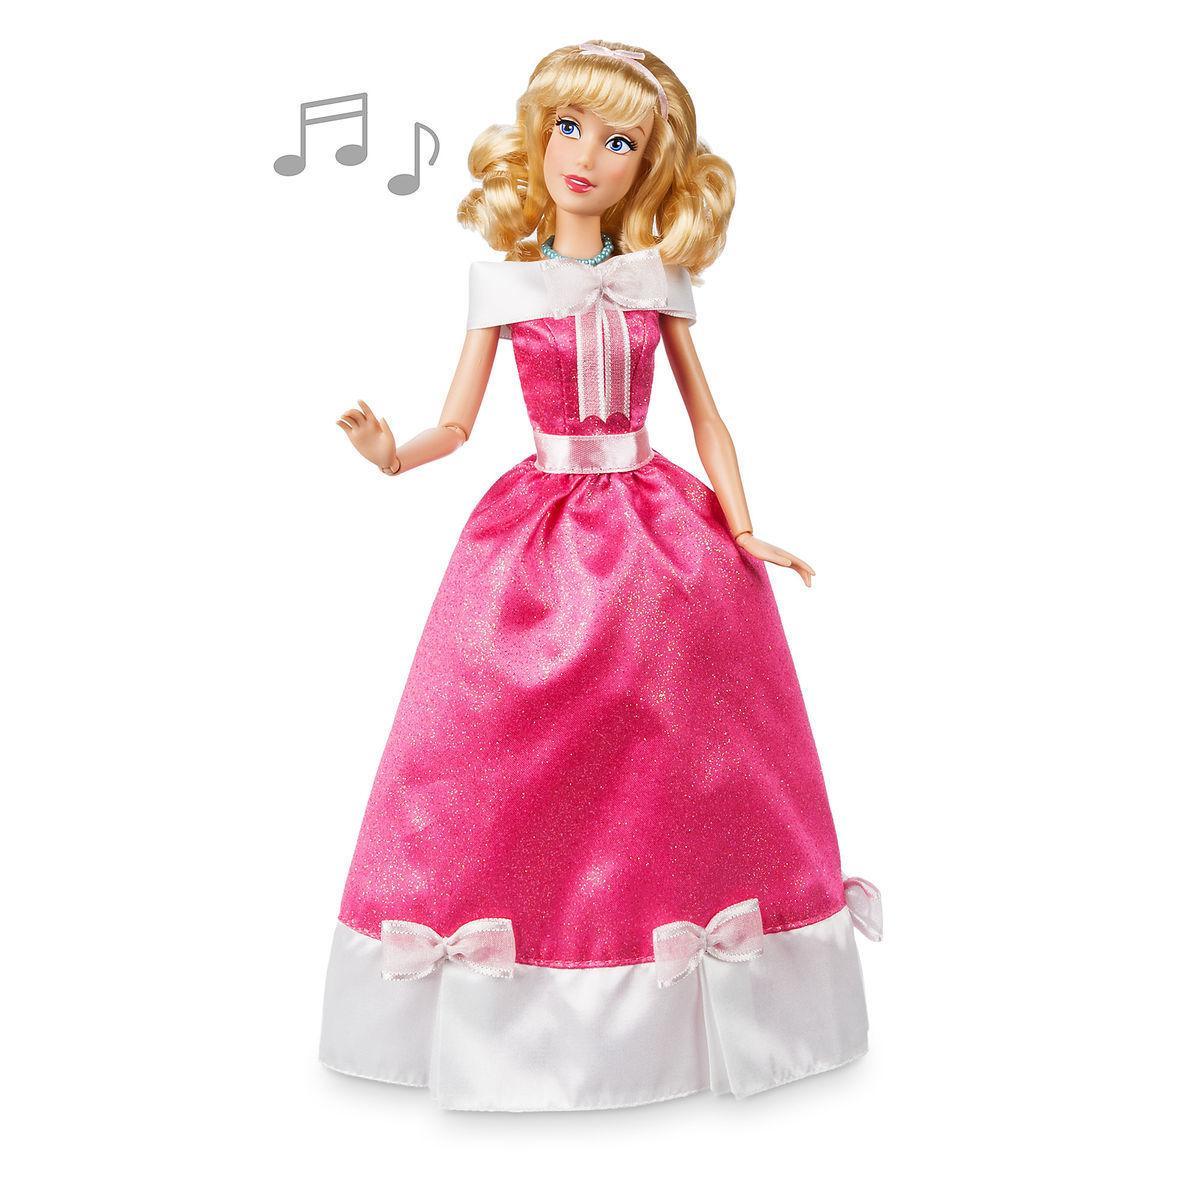 Кукла Поющая Золушка Дисней Cinderella Singing Doll